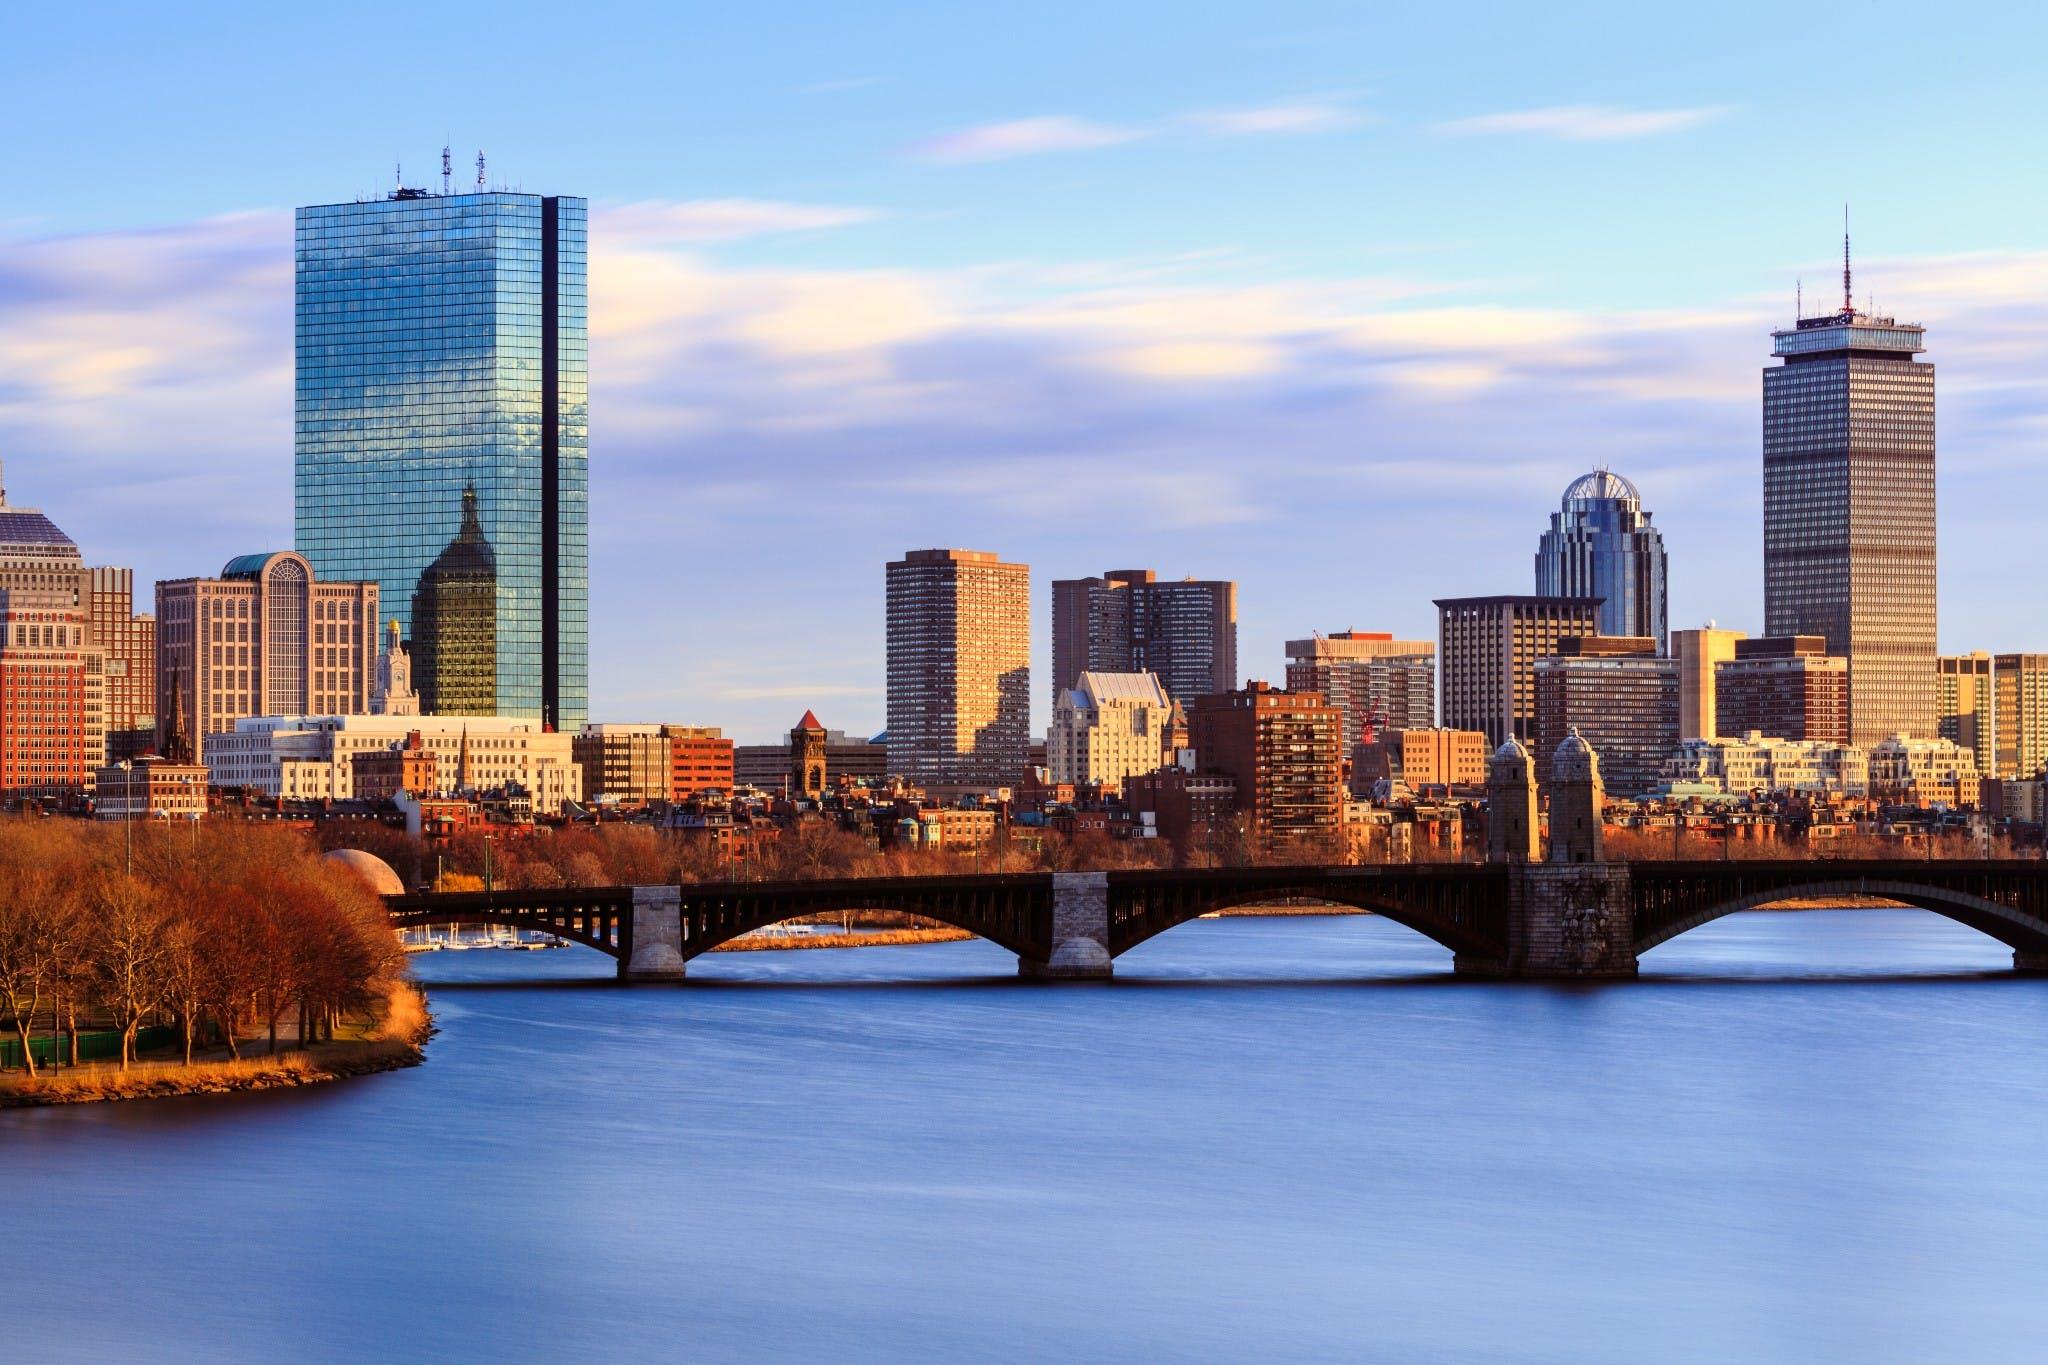 Guia de boston nos estados unidos ci interc mbio e viagem for Americas best paint